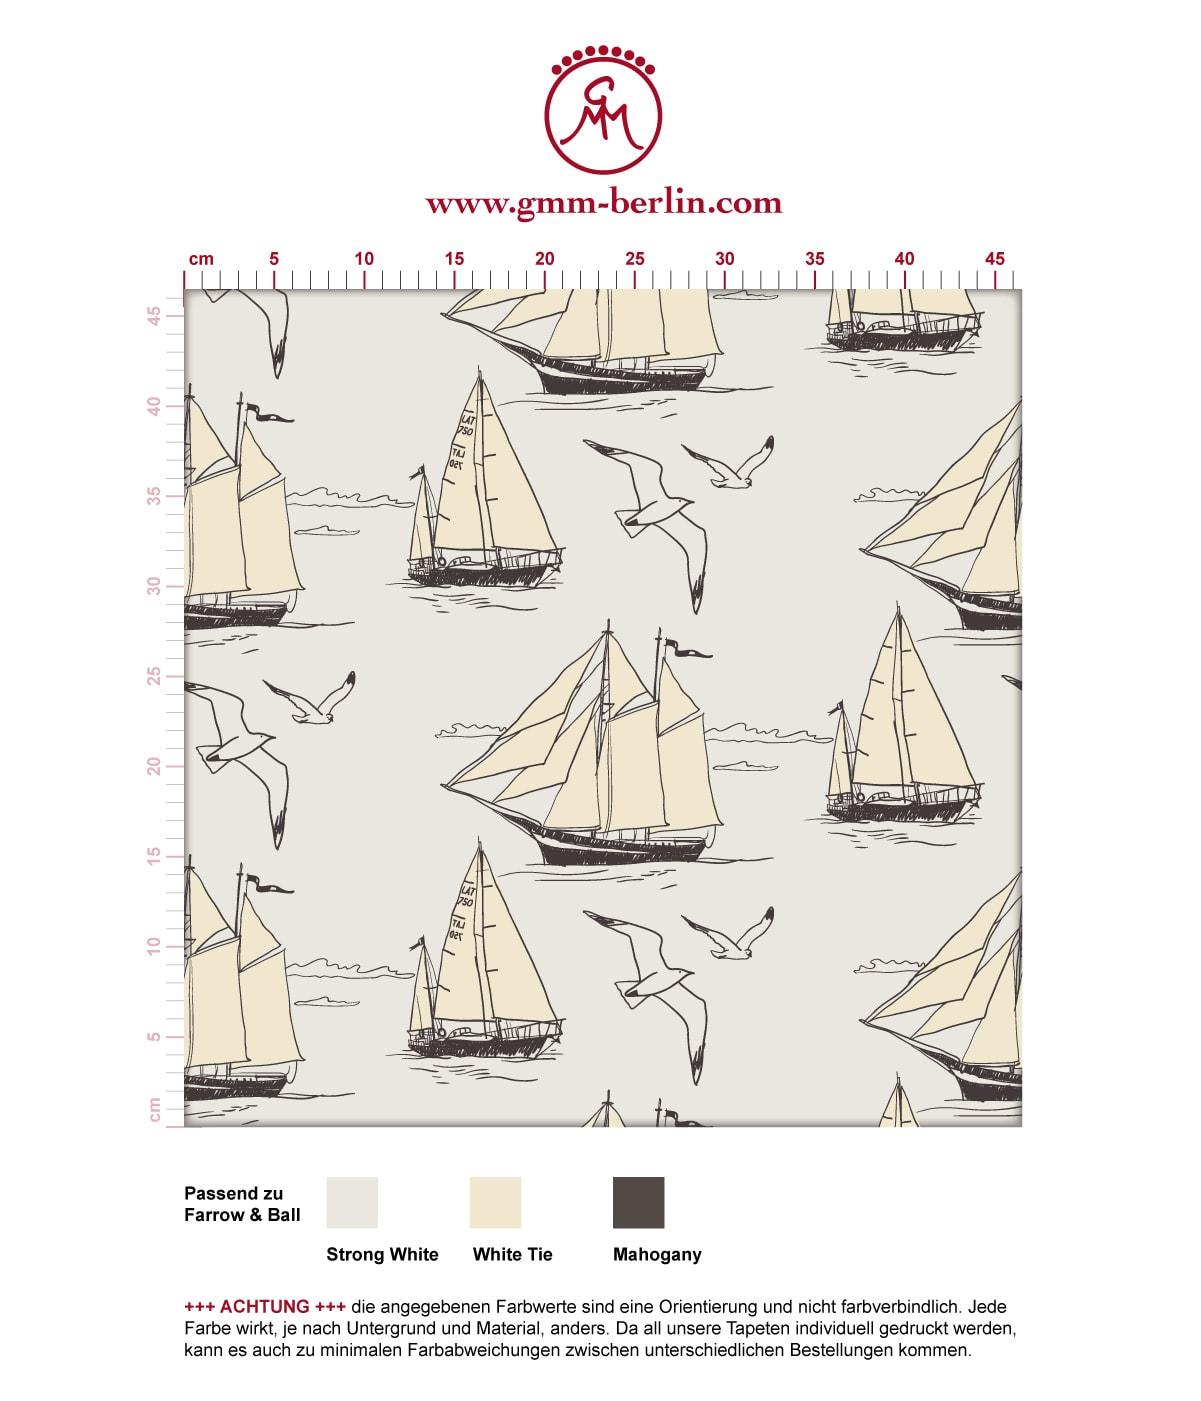 """Auf weiß - Segler Tapete """"Die Regatta"""" mit Segelbooten und Möwen angepasst an Farrow and Ball Wandfarben- Vliestapete Tiere, Kinder  3"""